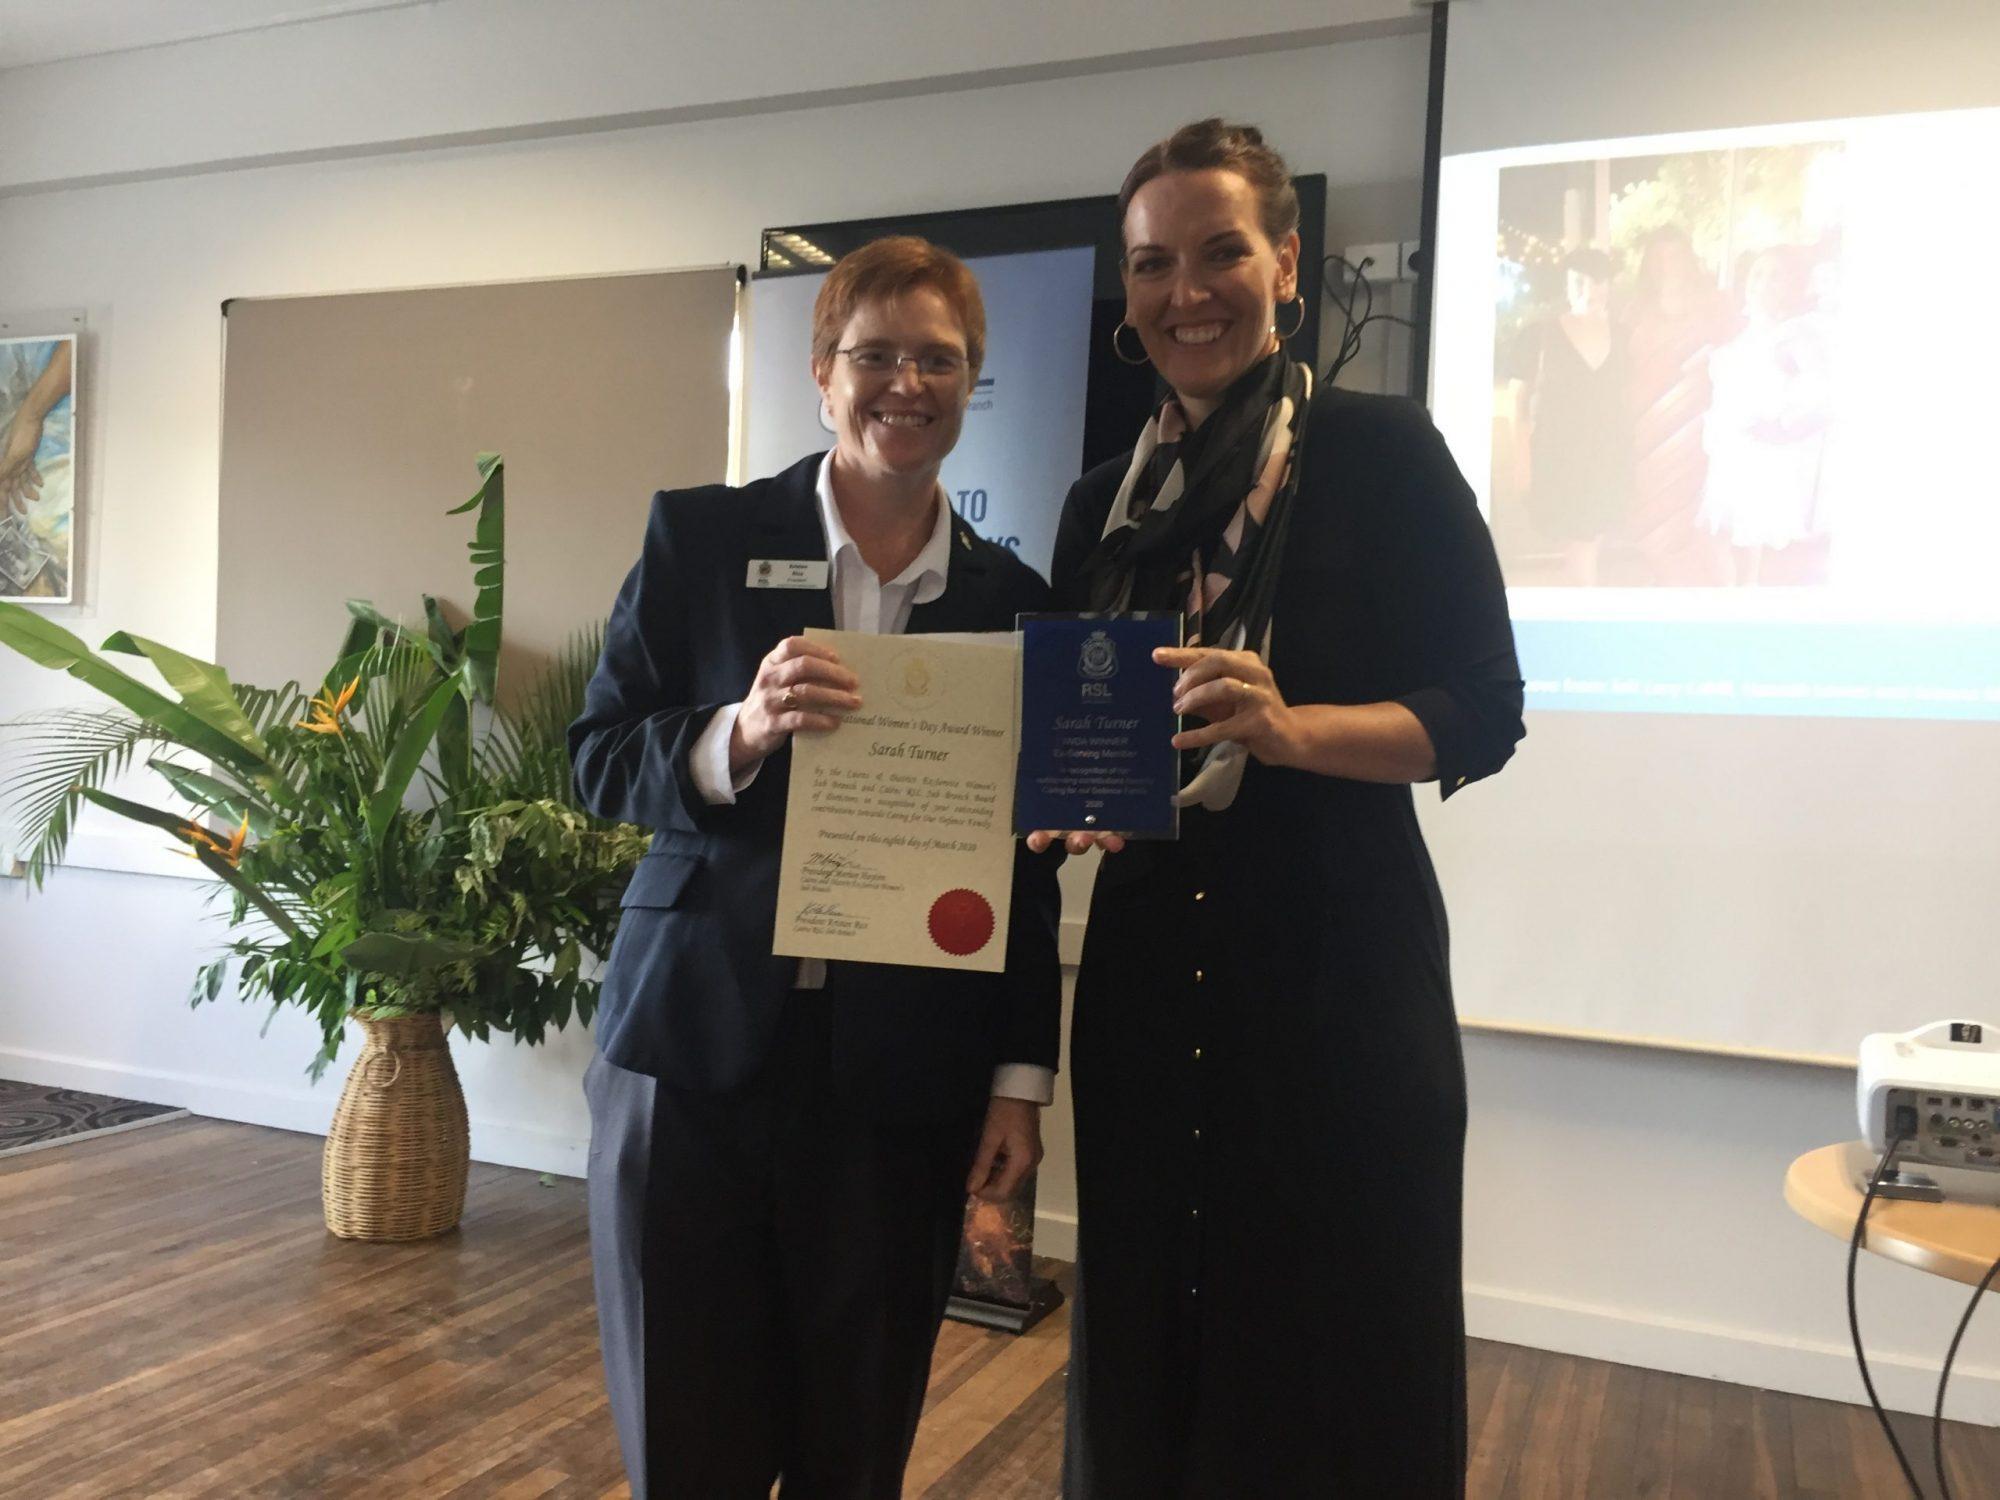 President Kristen Rice and Award Winner Sarah Turner